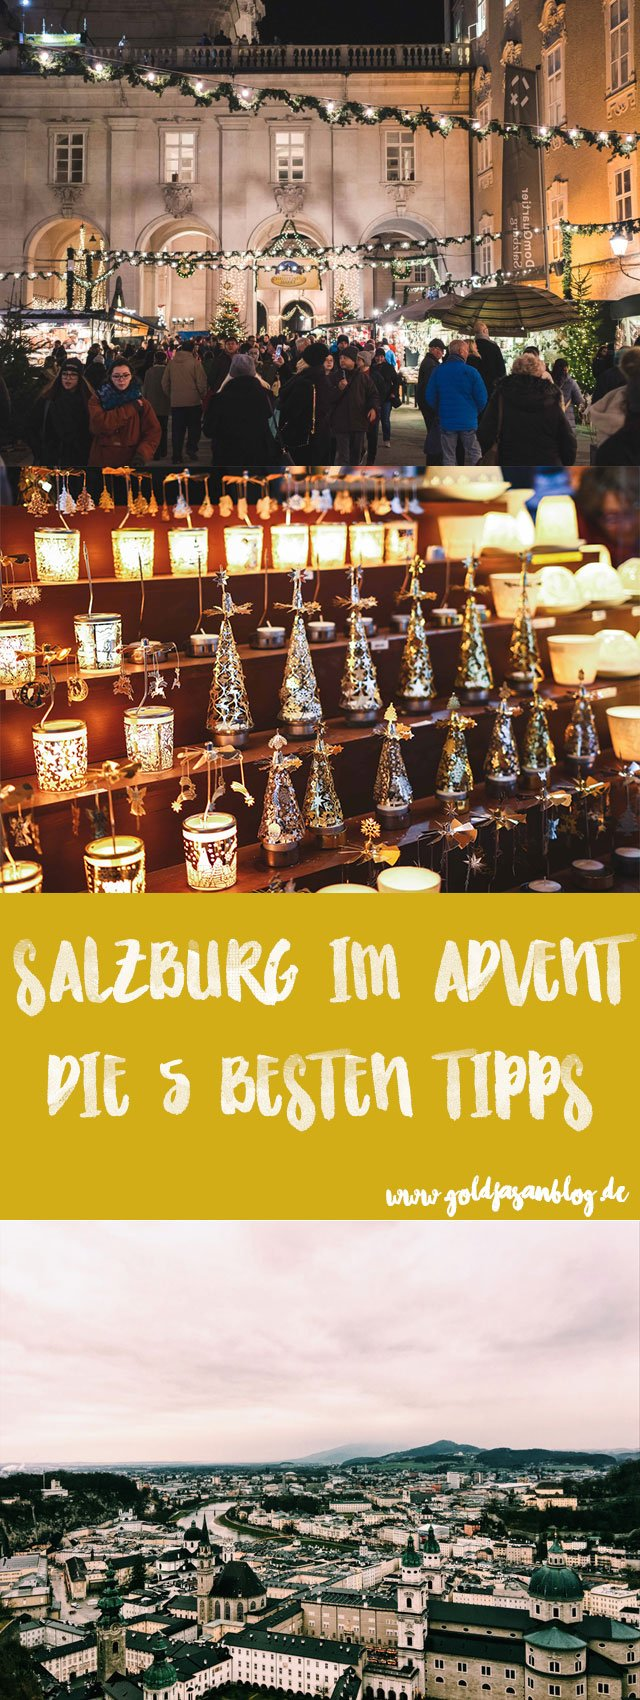 Collage mit Tipps für Advent in Salzburg